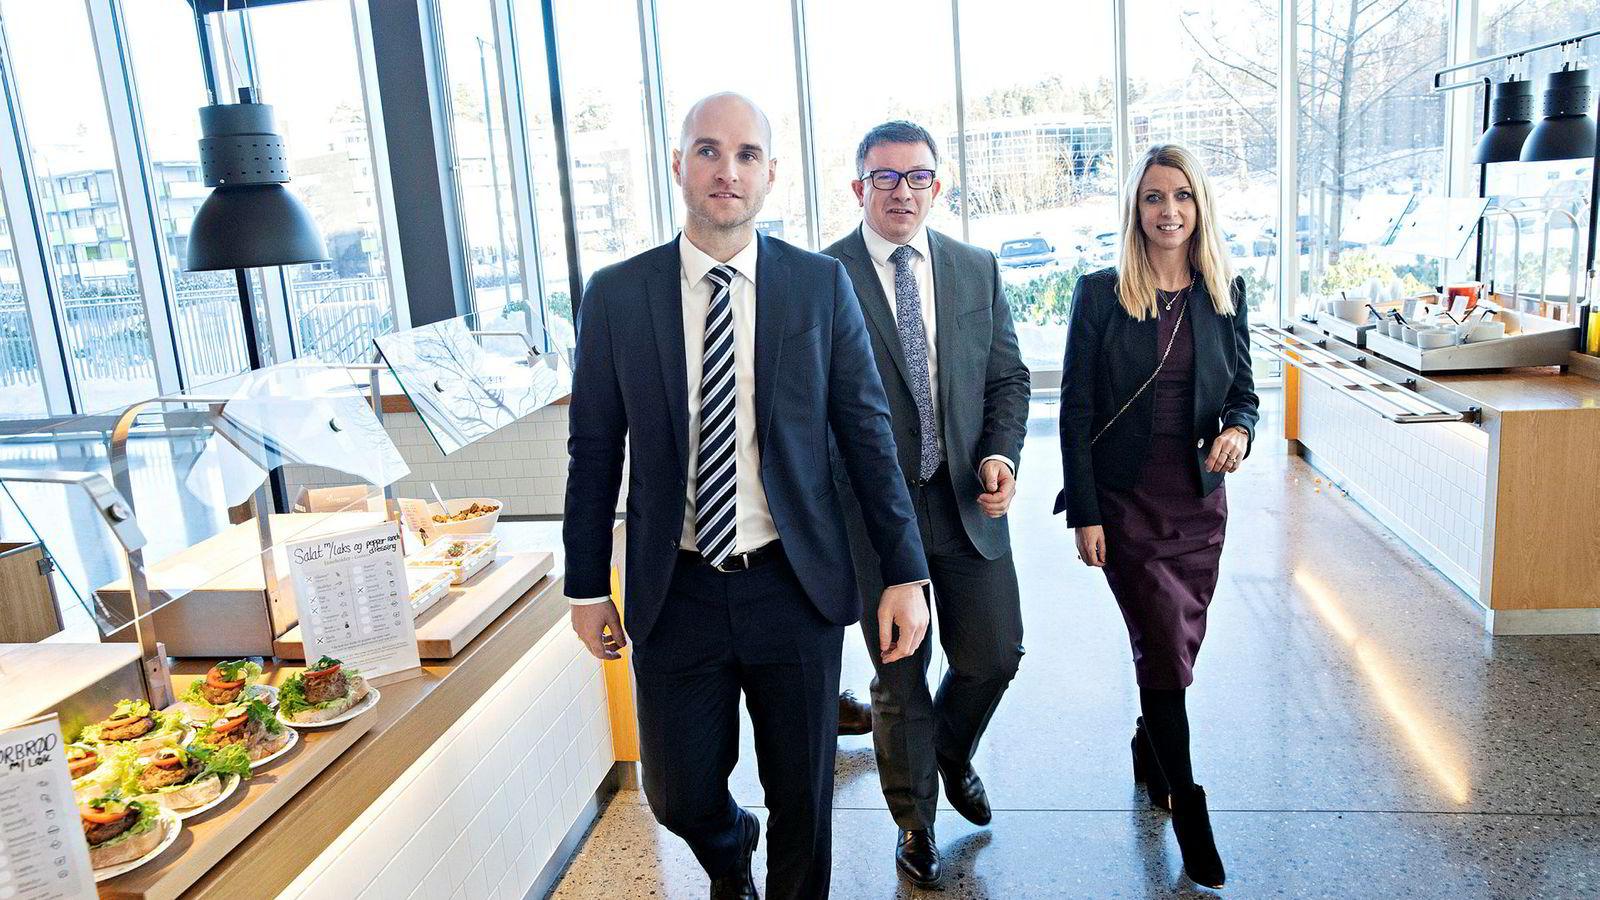 Aker BP-sjef Karl Johnny Hersvik (46) var flankert av sine to påtroppende konserndirektører Lene Landøy (39) og David Torvik Tønne (33) under selskapets kapitalmarkedsdag på Fornebu torsdag.